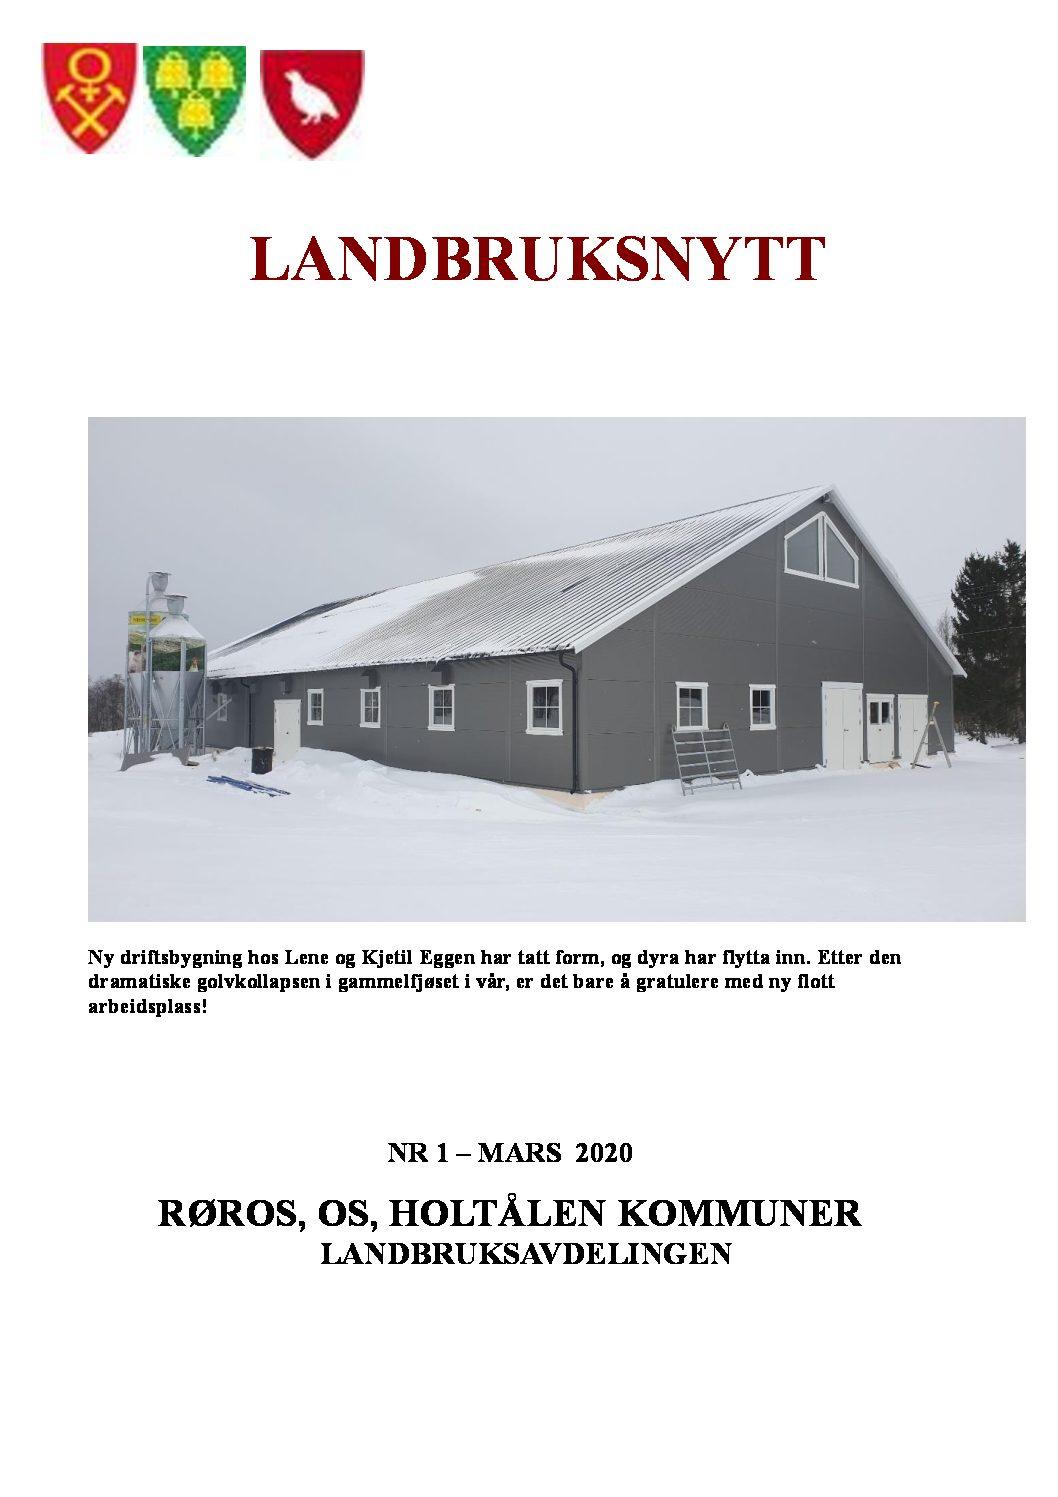 Landbruksnytt mars 2020